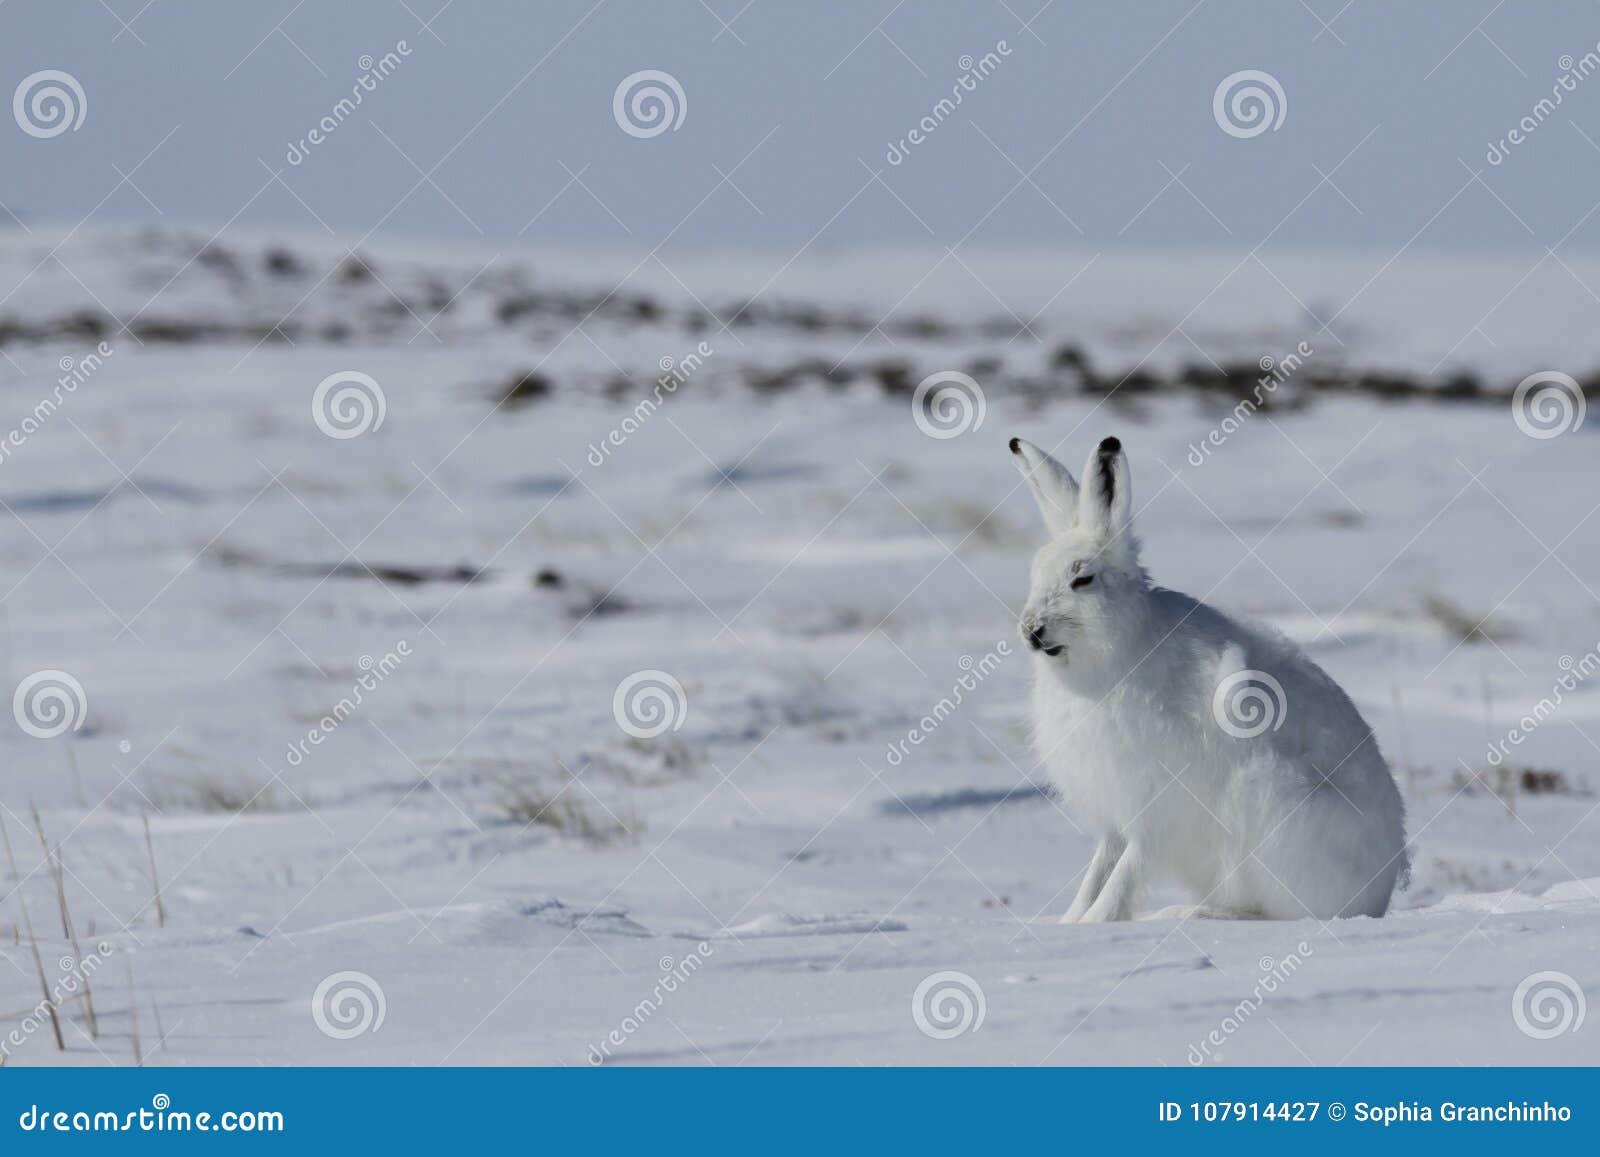 De noordpool arcticus zitting van hazenlepus op sneeuw en het afwerpen van zijn de winterlaag, Nunavut